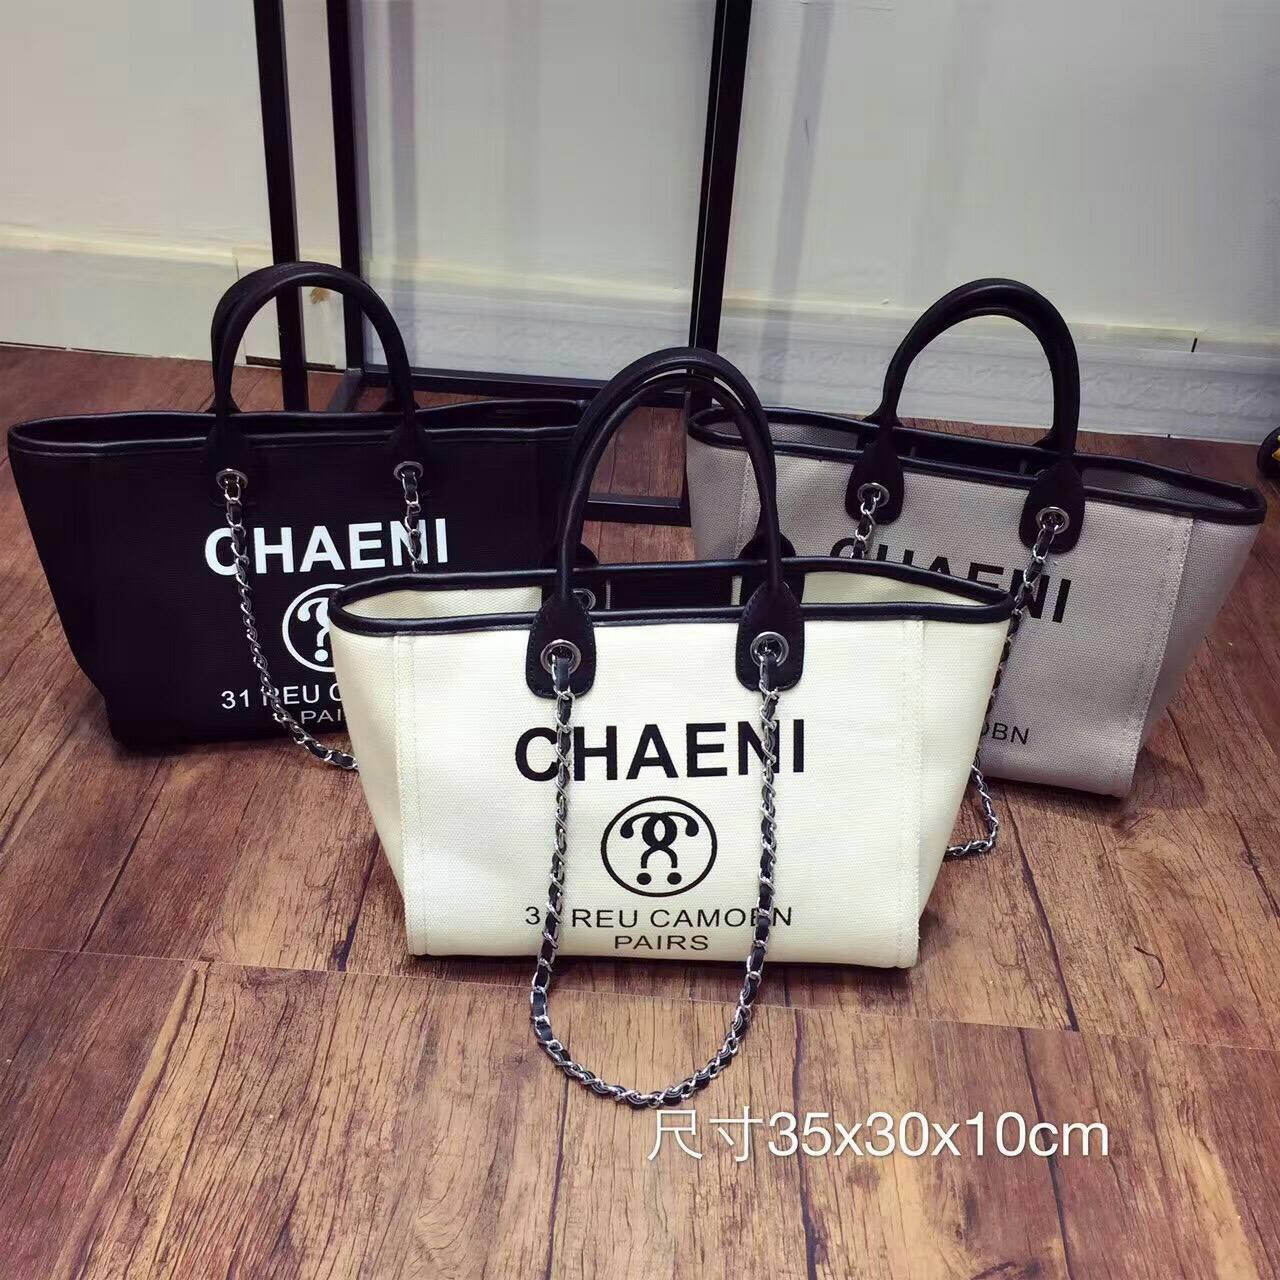 Chanel canvas tote shopping bagกลับมาตามคำเรียกร้องงานผ้าแคนวาส ผ้าหนาโชว์ขายได้ มาพร้อมกะเป๋าใบเล็กด้านใน